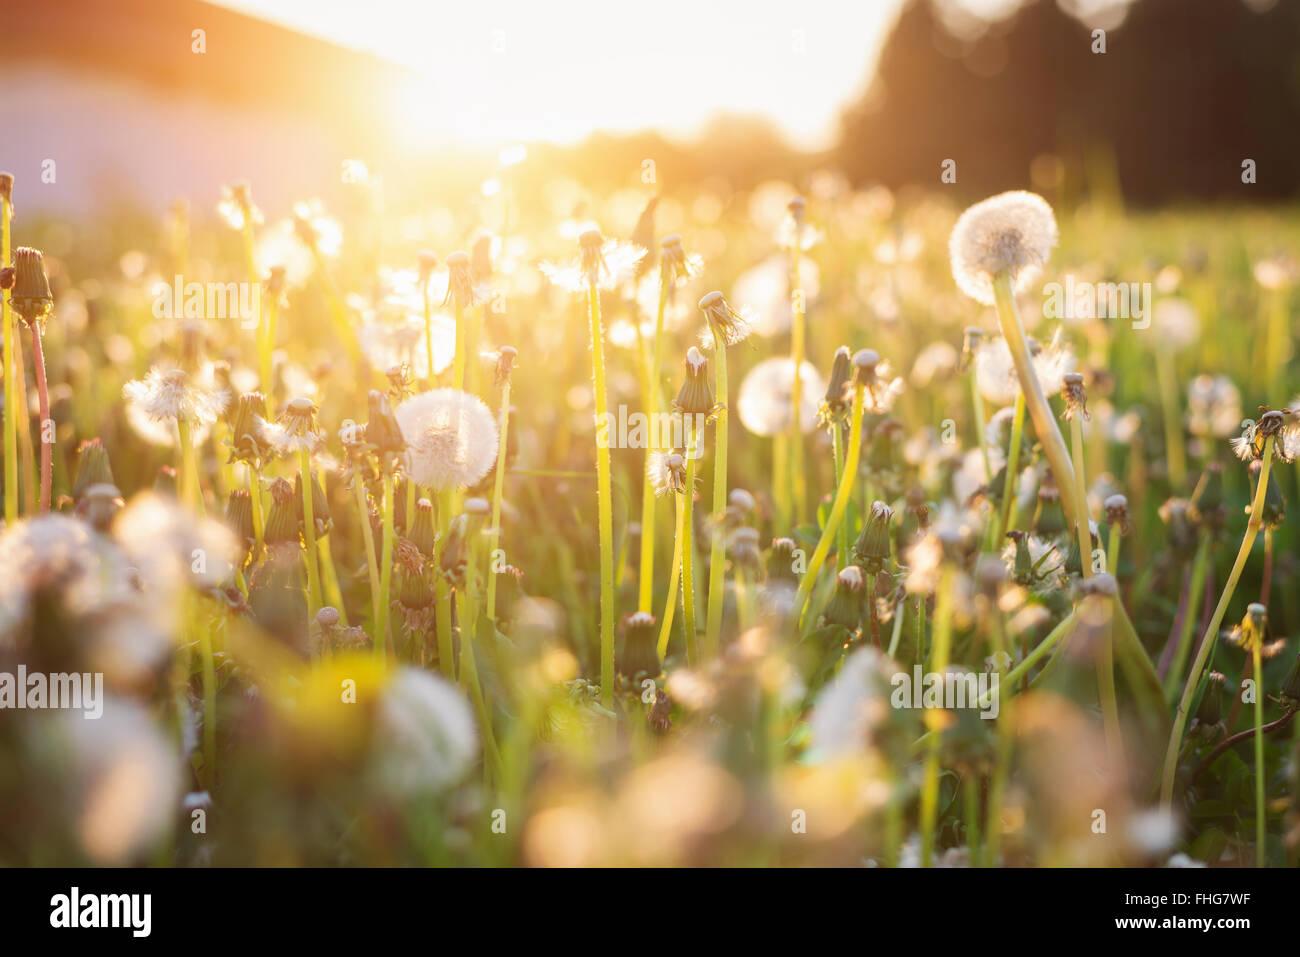 Grünen Sommerwiese mit Löwenzahn bei Sonnenuntergang. Natur-Hintergrund Stockbild